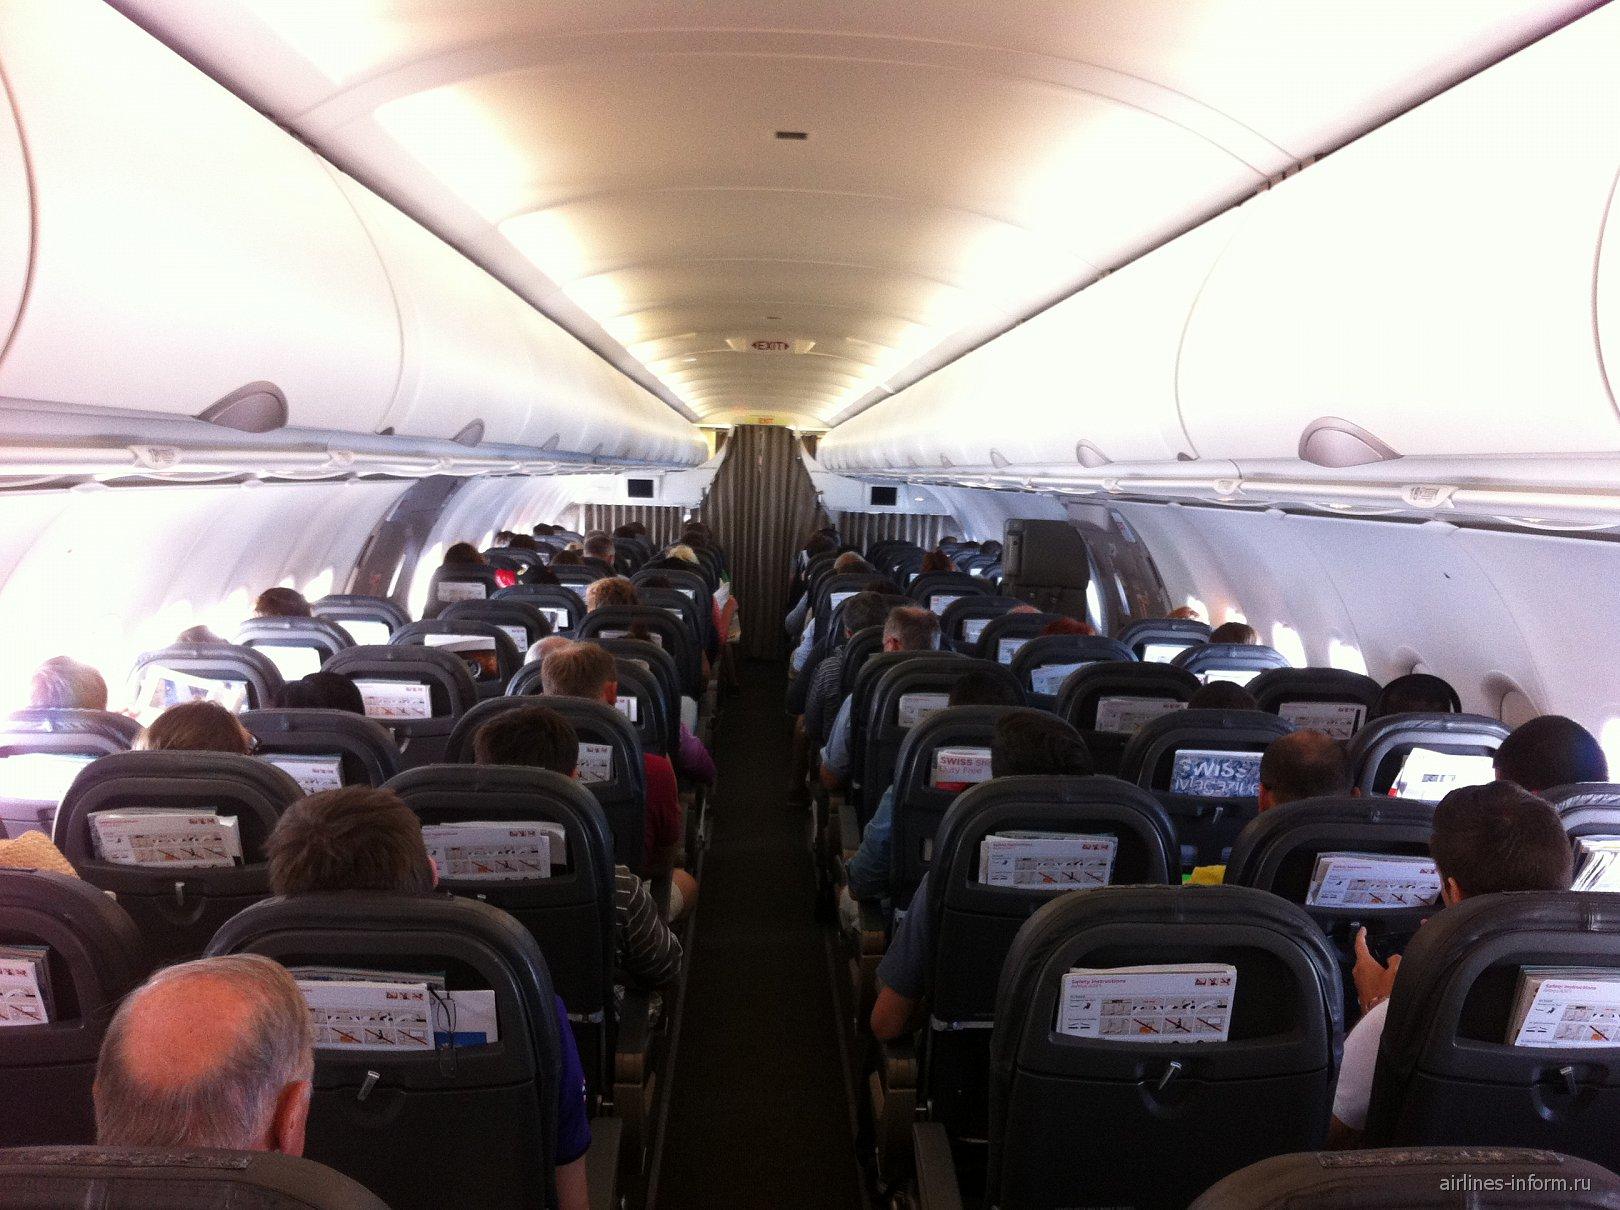 Салон самолета Airbus A321 авиакомпании SWISS